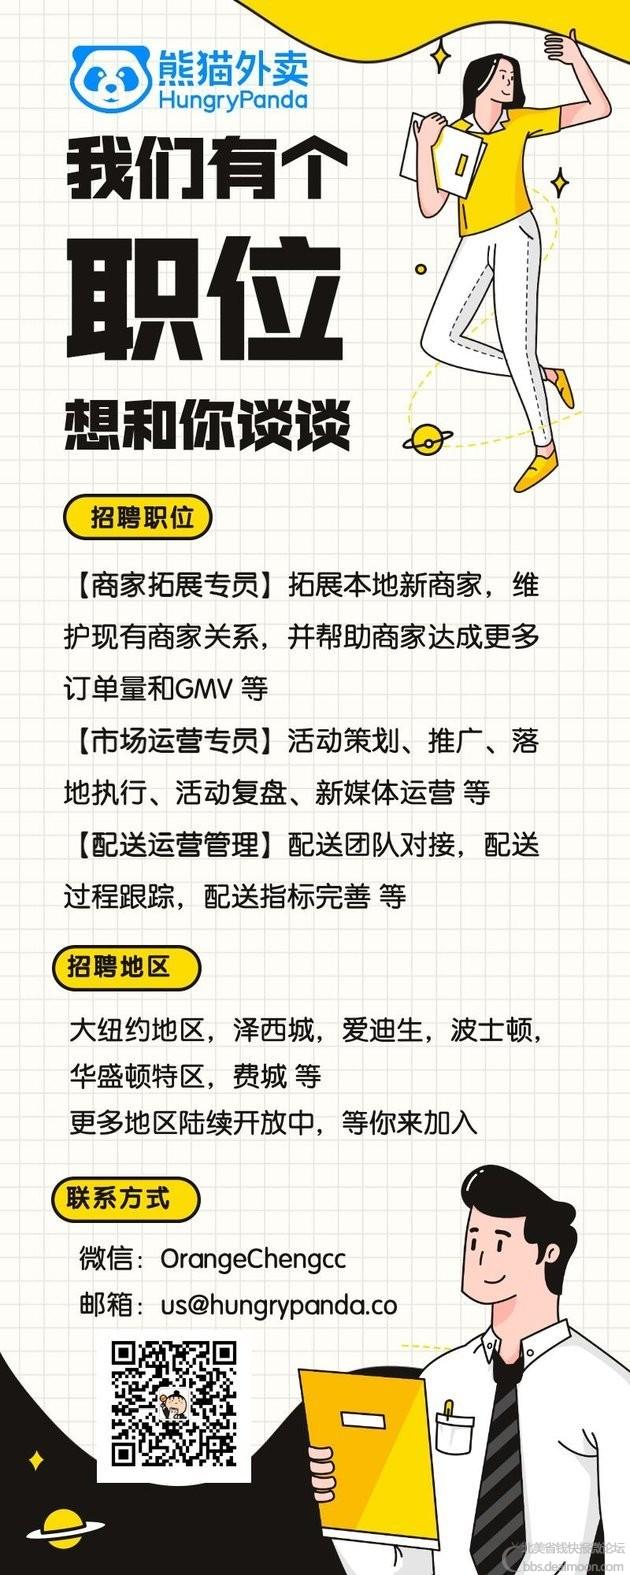 企业内推招聘创意长图 (1).jpg